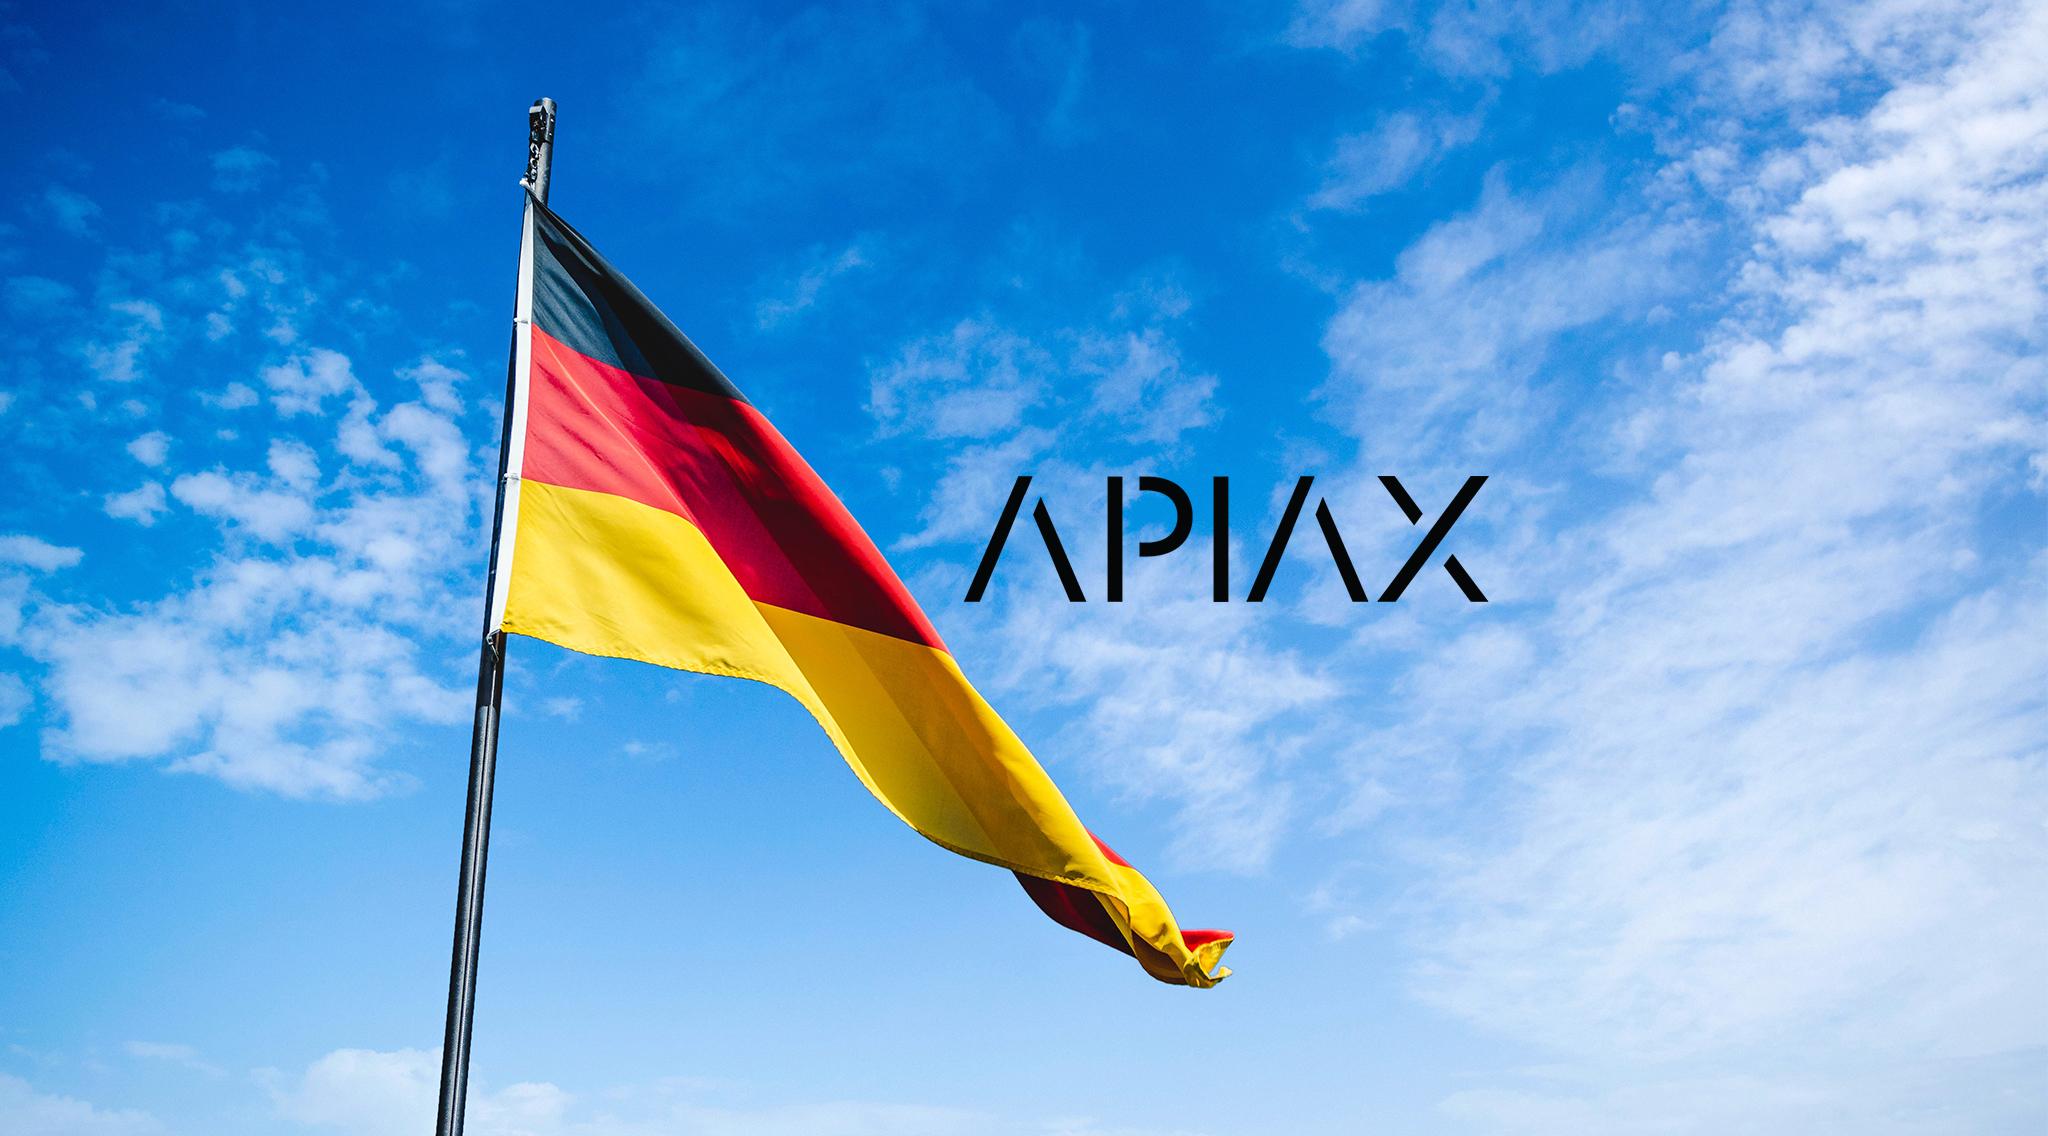 Swiss Regtech Apiax Begins Operations in Germany and Secures Fresh Funding   Fintech Schweiz Digital Finance News – FintechNewsCH